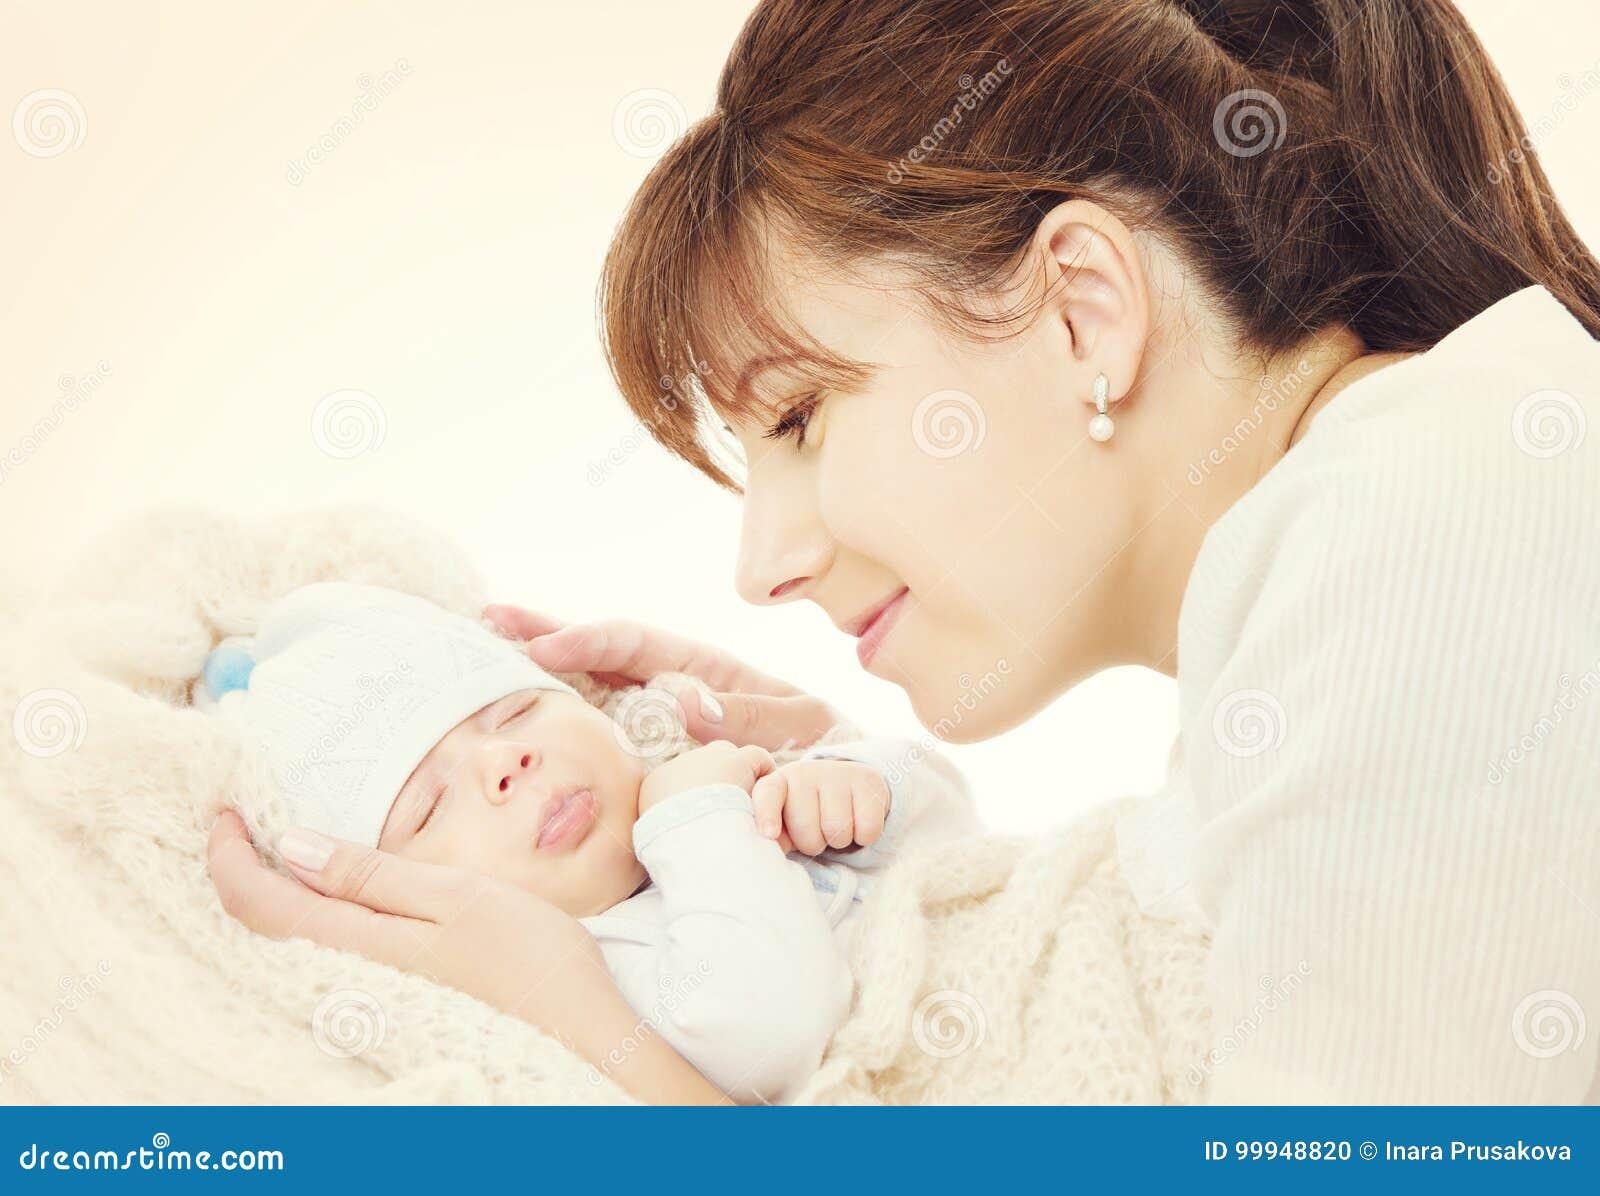 Madre feliz y bebé recién nacido durmiente, mamá que mira a recién nacido